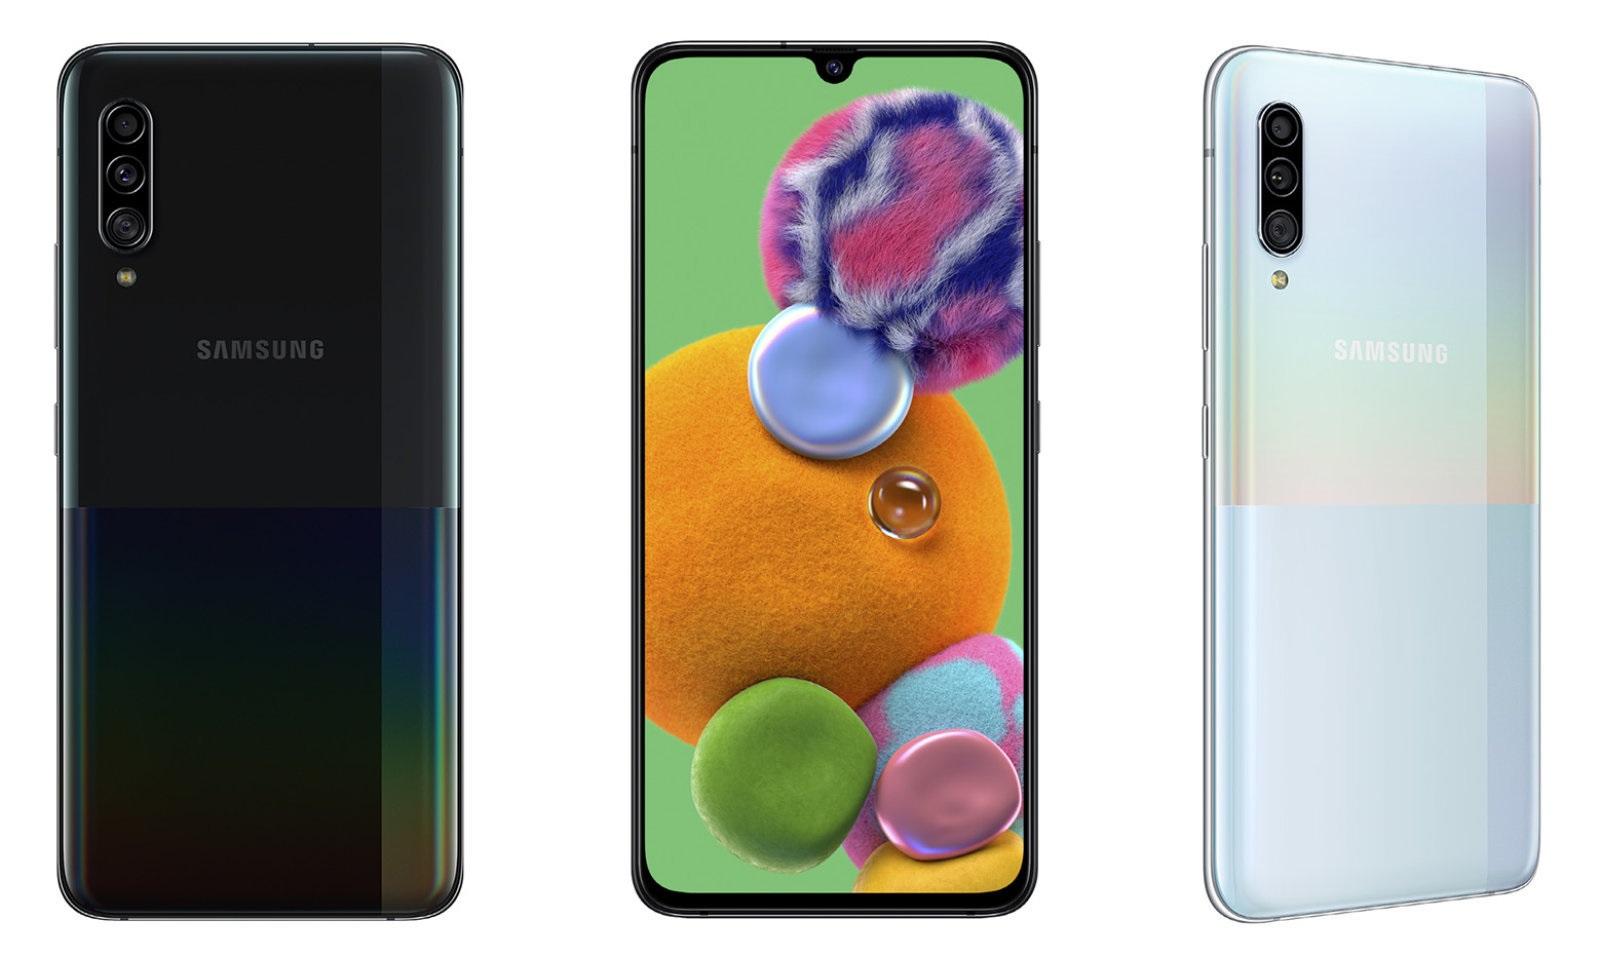 هاتف جديد ينضم إلى مجموعة هواتف Samsung Galaxy S10 قريبًا